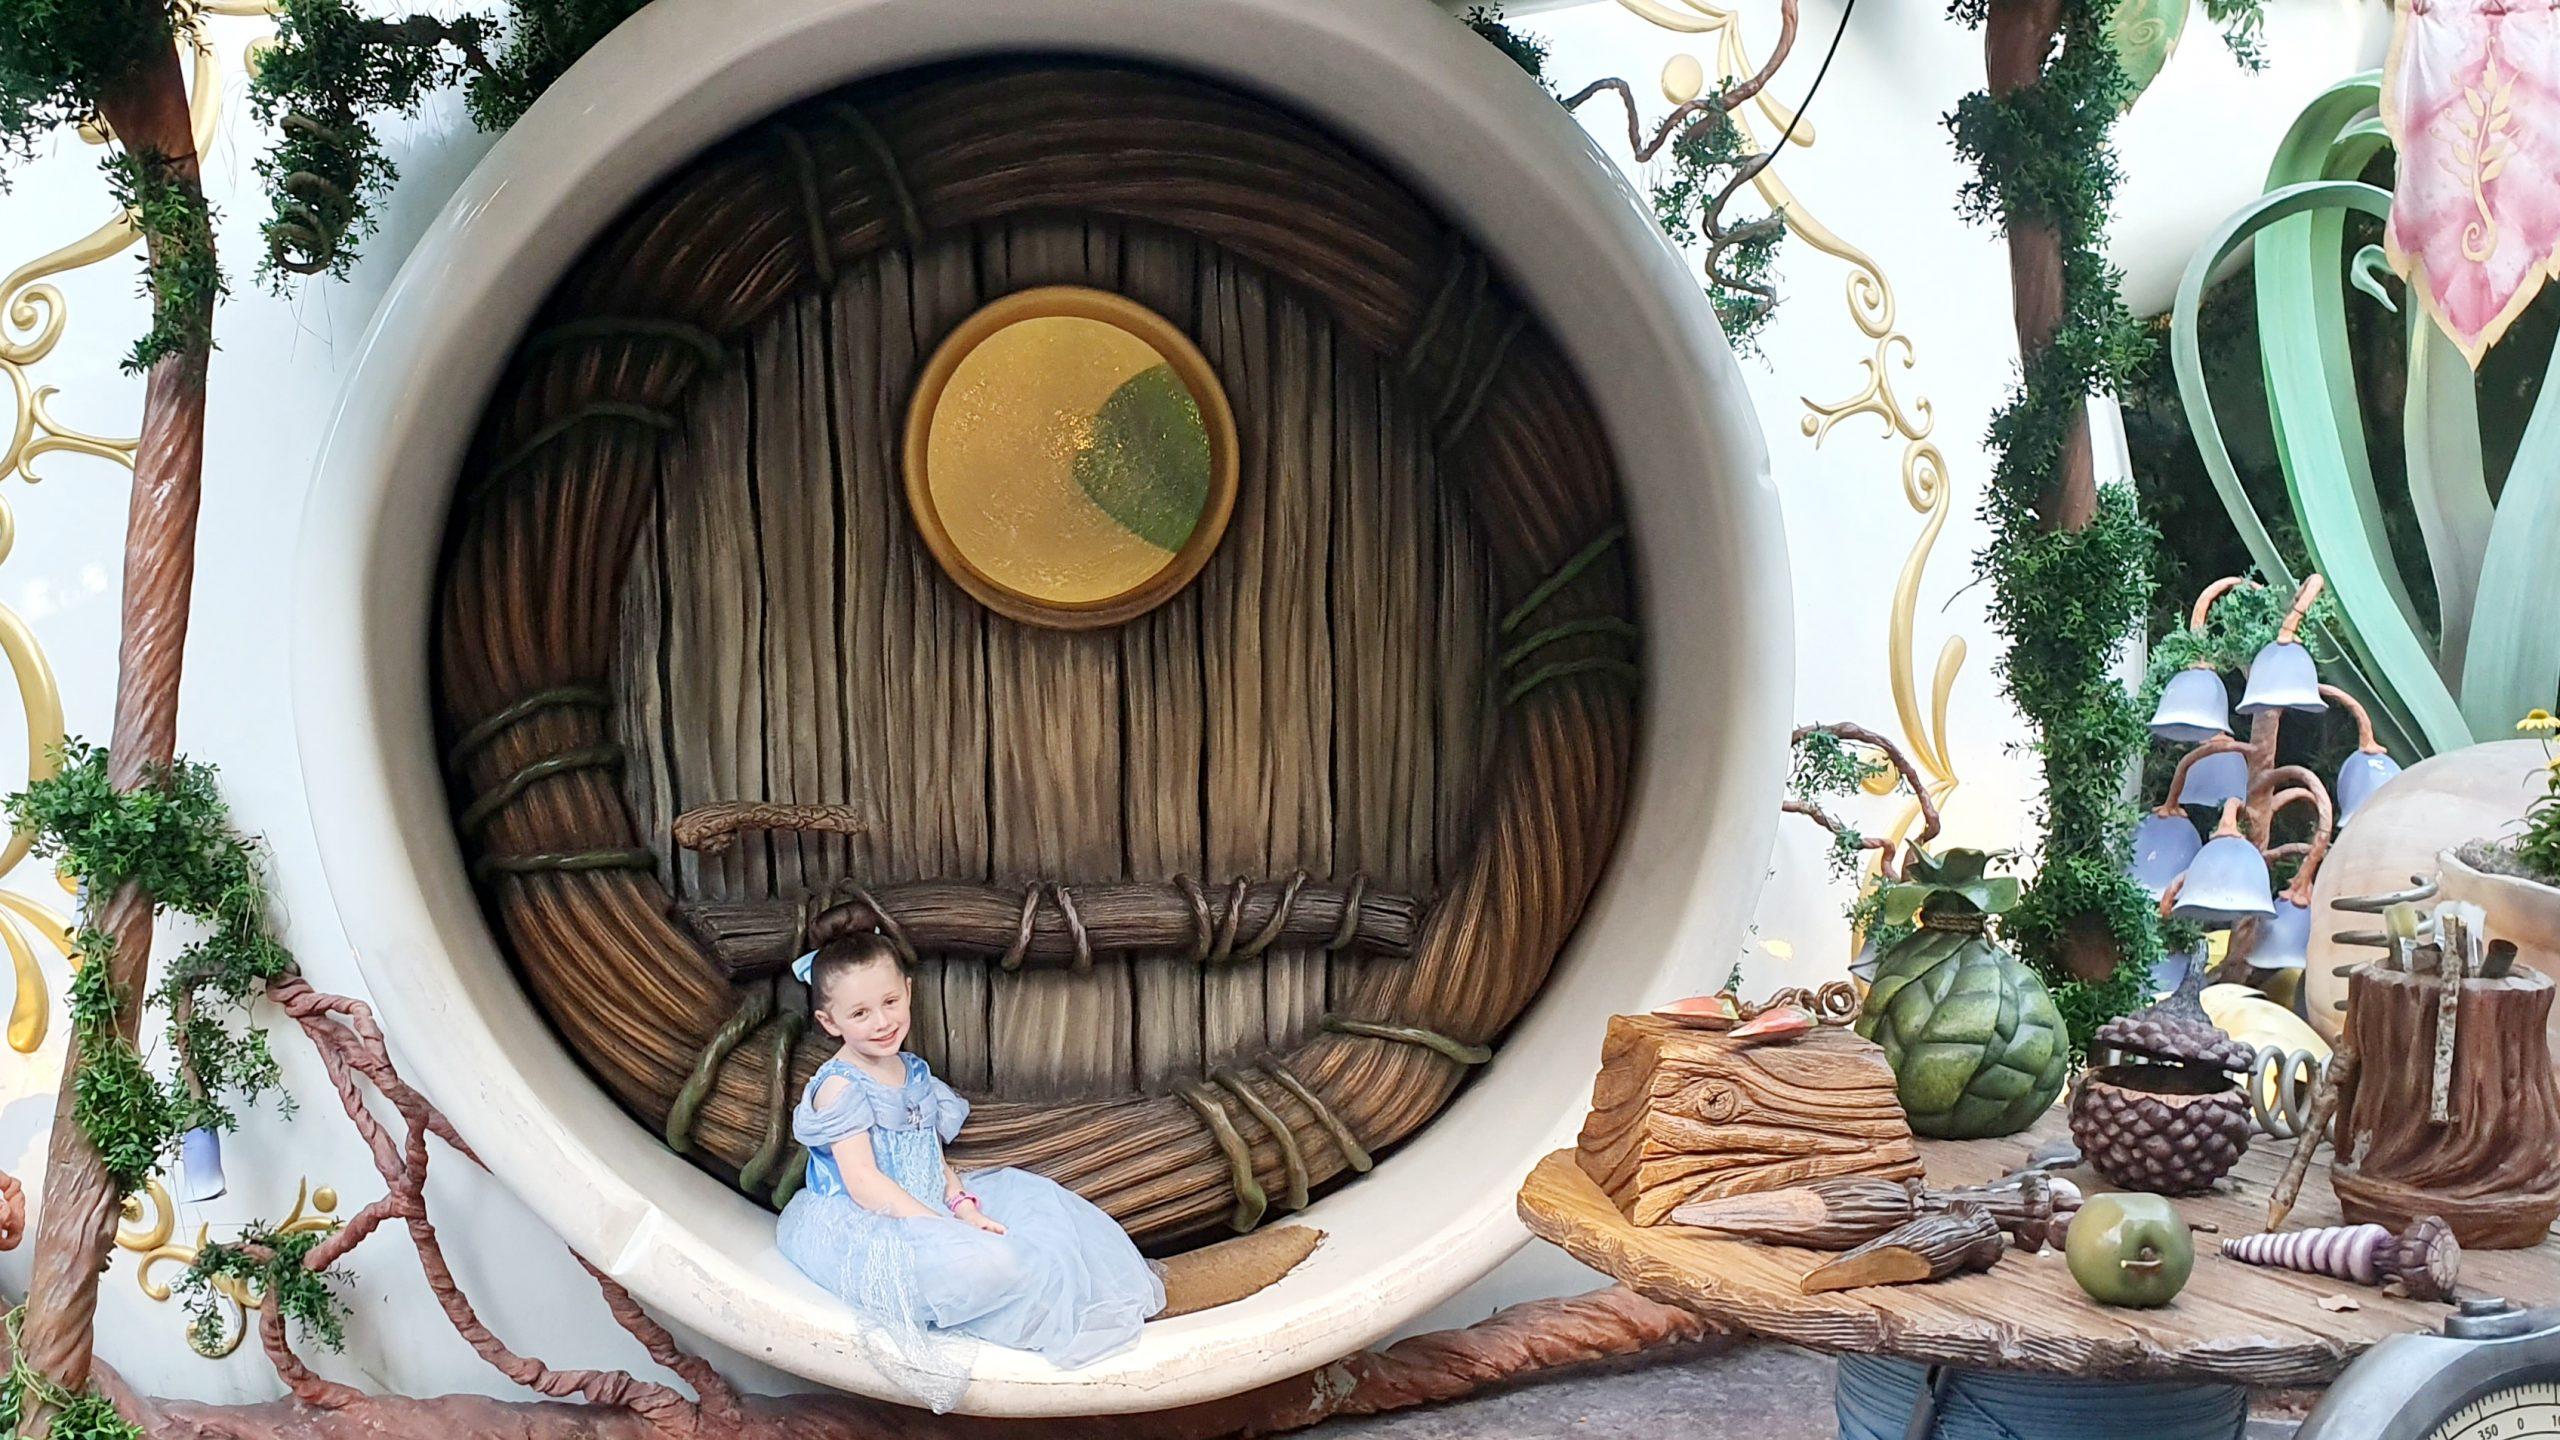 Disneyland Pixie Hollow